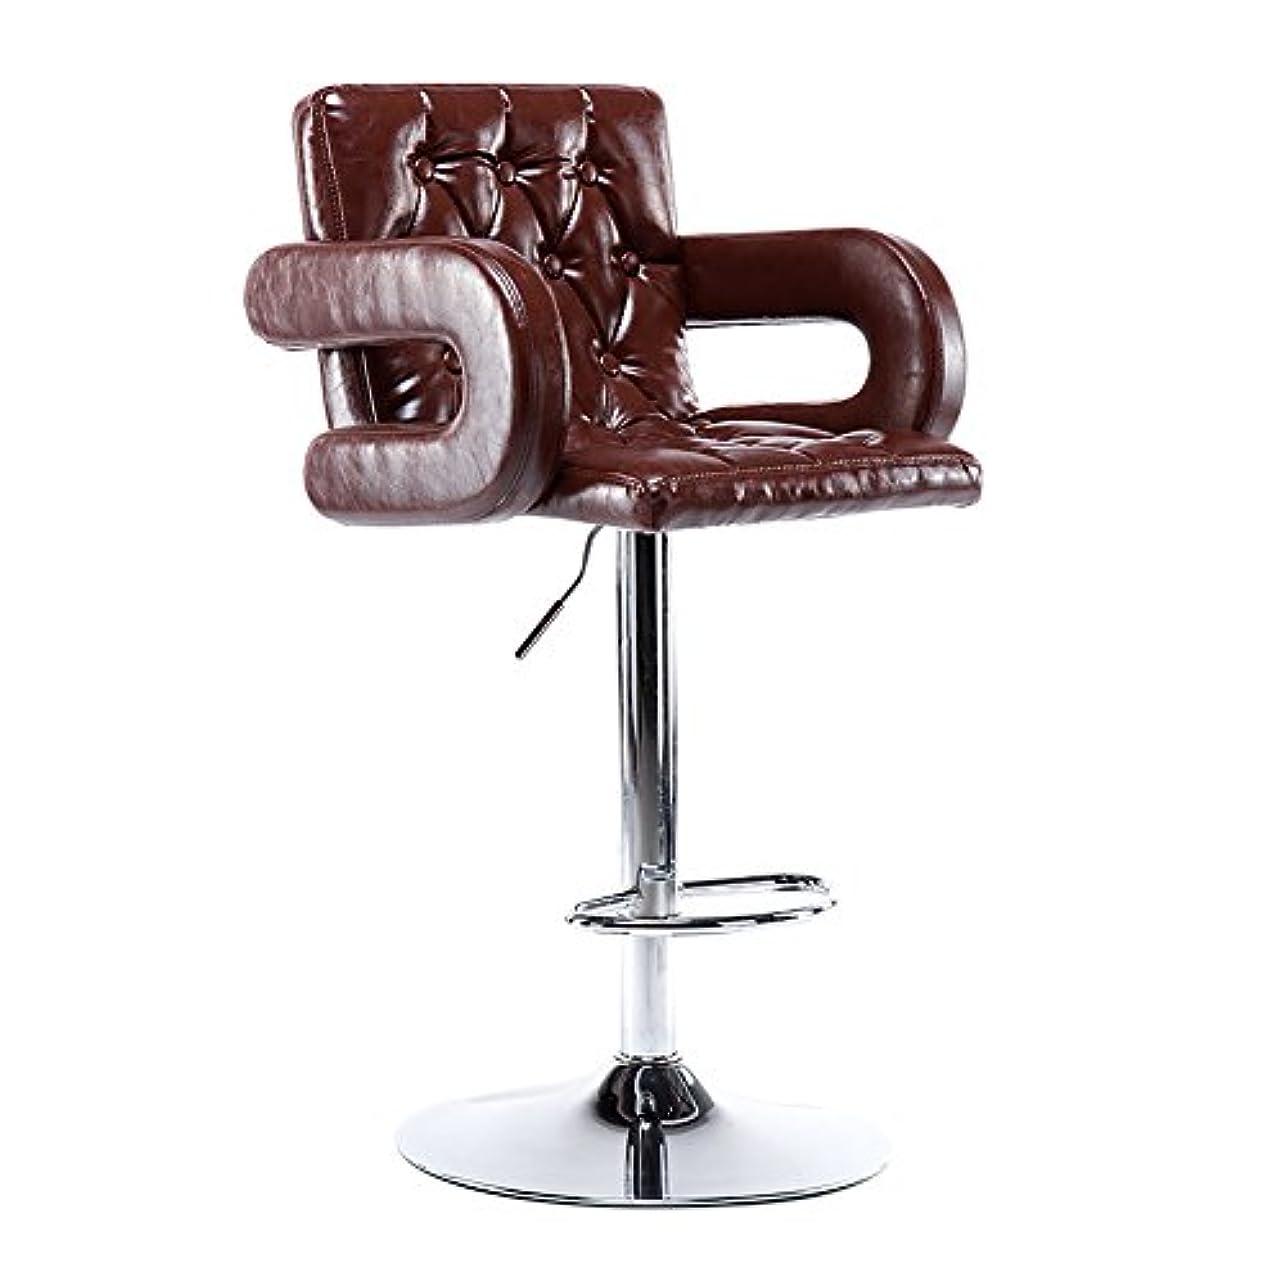 絶妙マダム異常毎日の家 多機能スイベルチェア、美容ローラースツール、調節可能な高さ、ホイール付き、360度回転、快適な椅子、アームレスト付き、最大荷重150kg (色 : ブラウン-2, サイズ さいず : BEST)